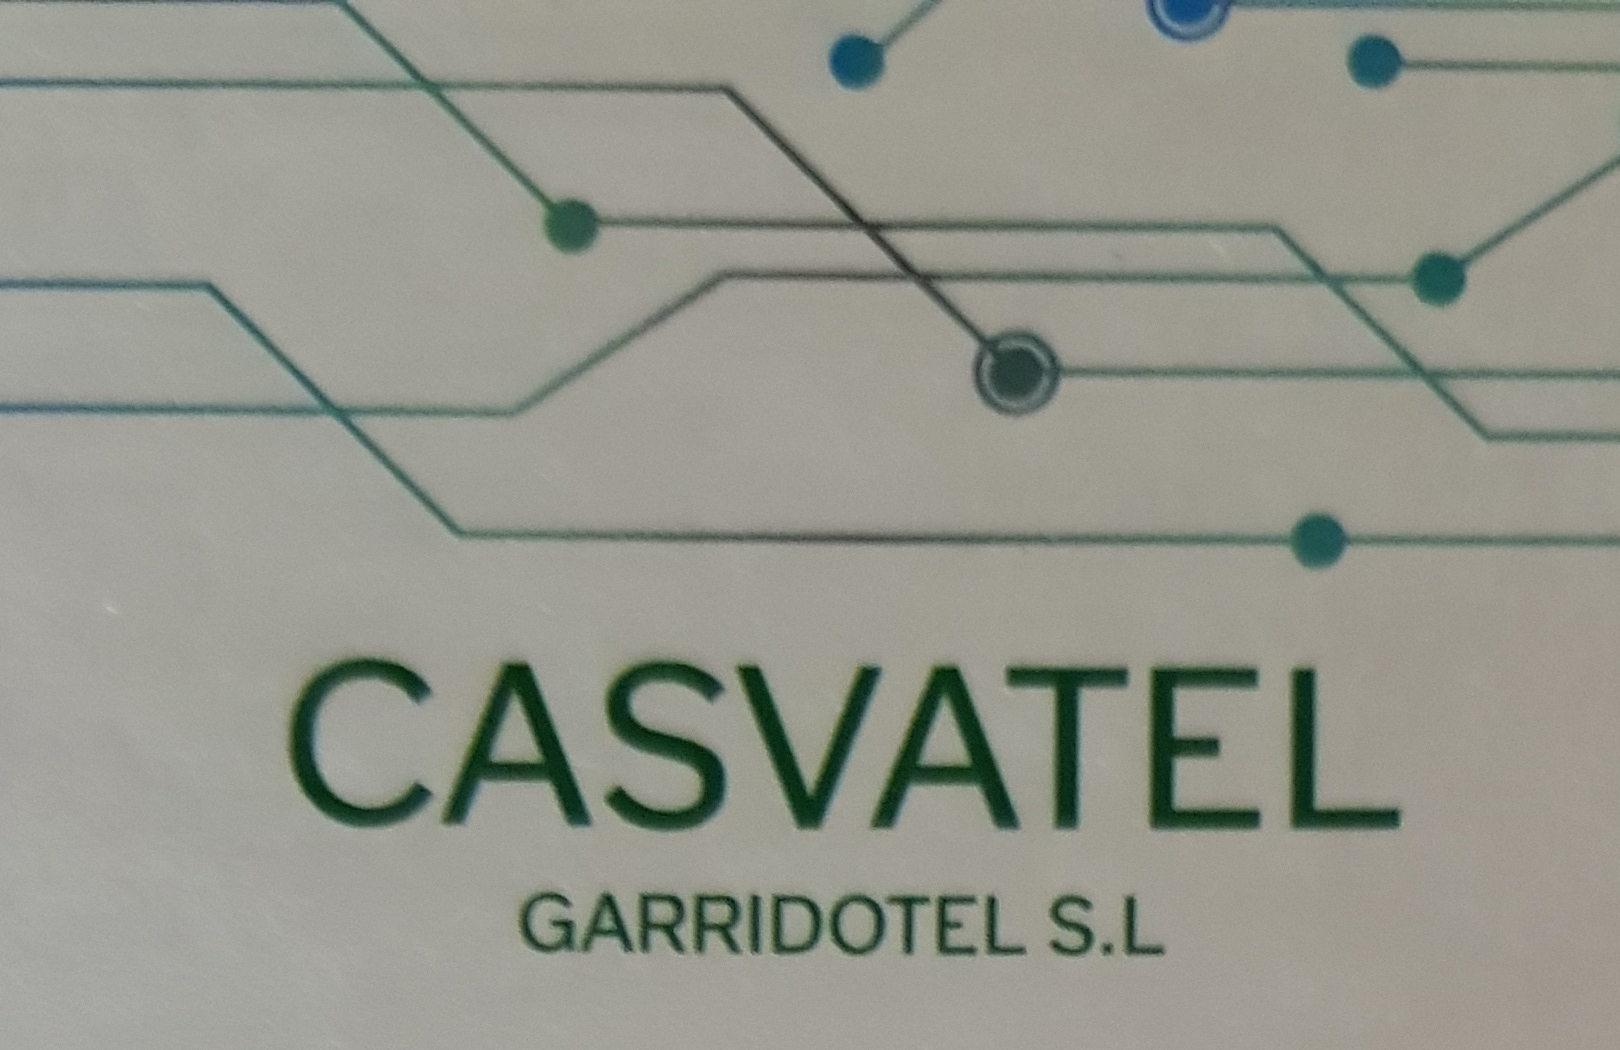 Casvatel